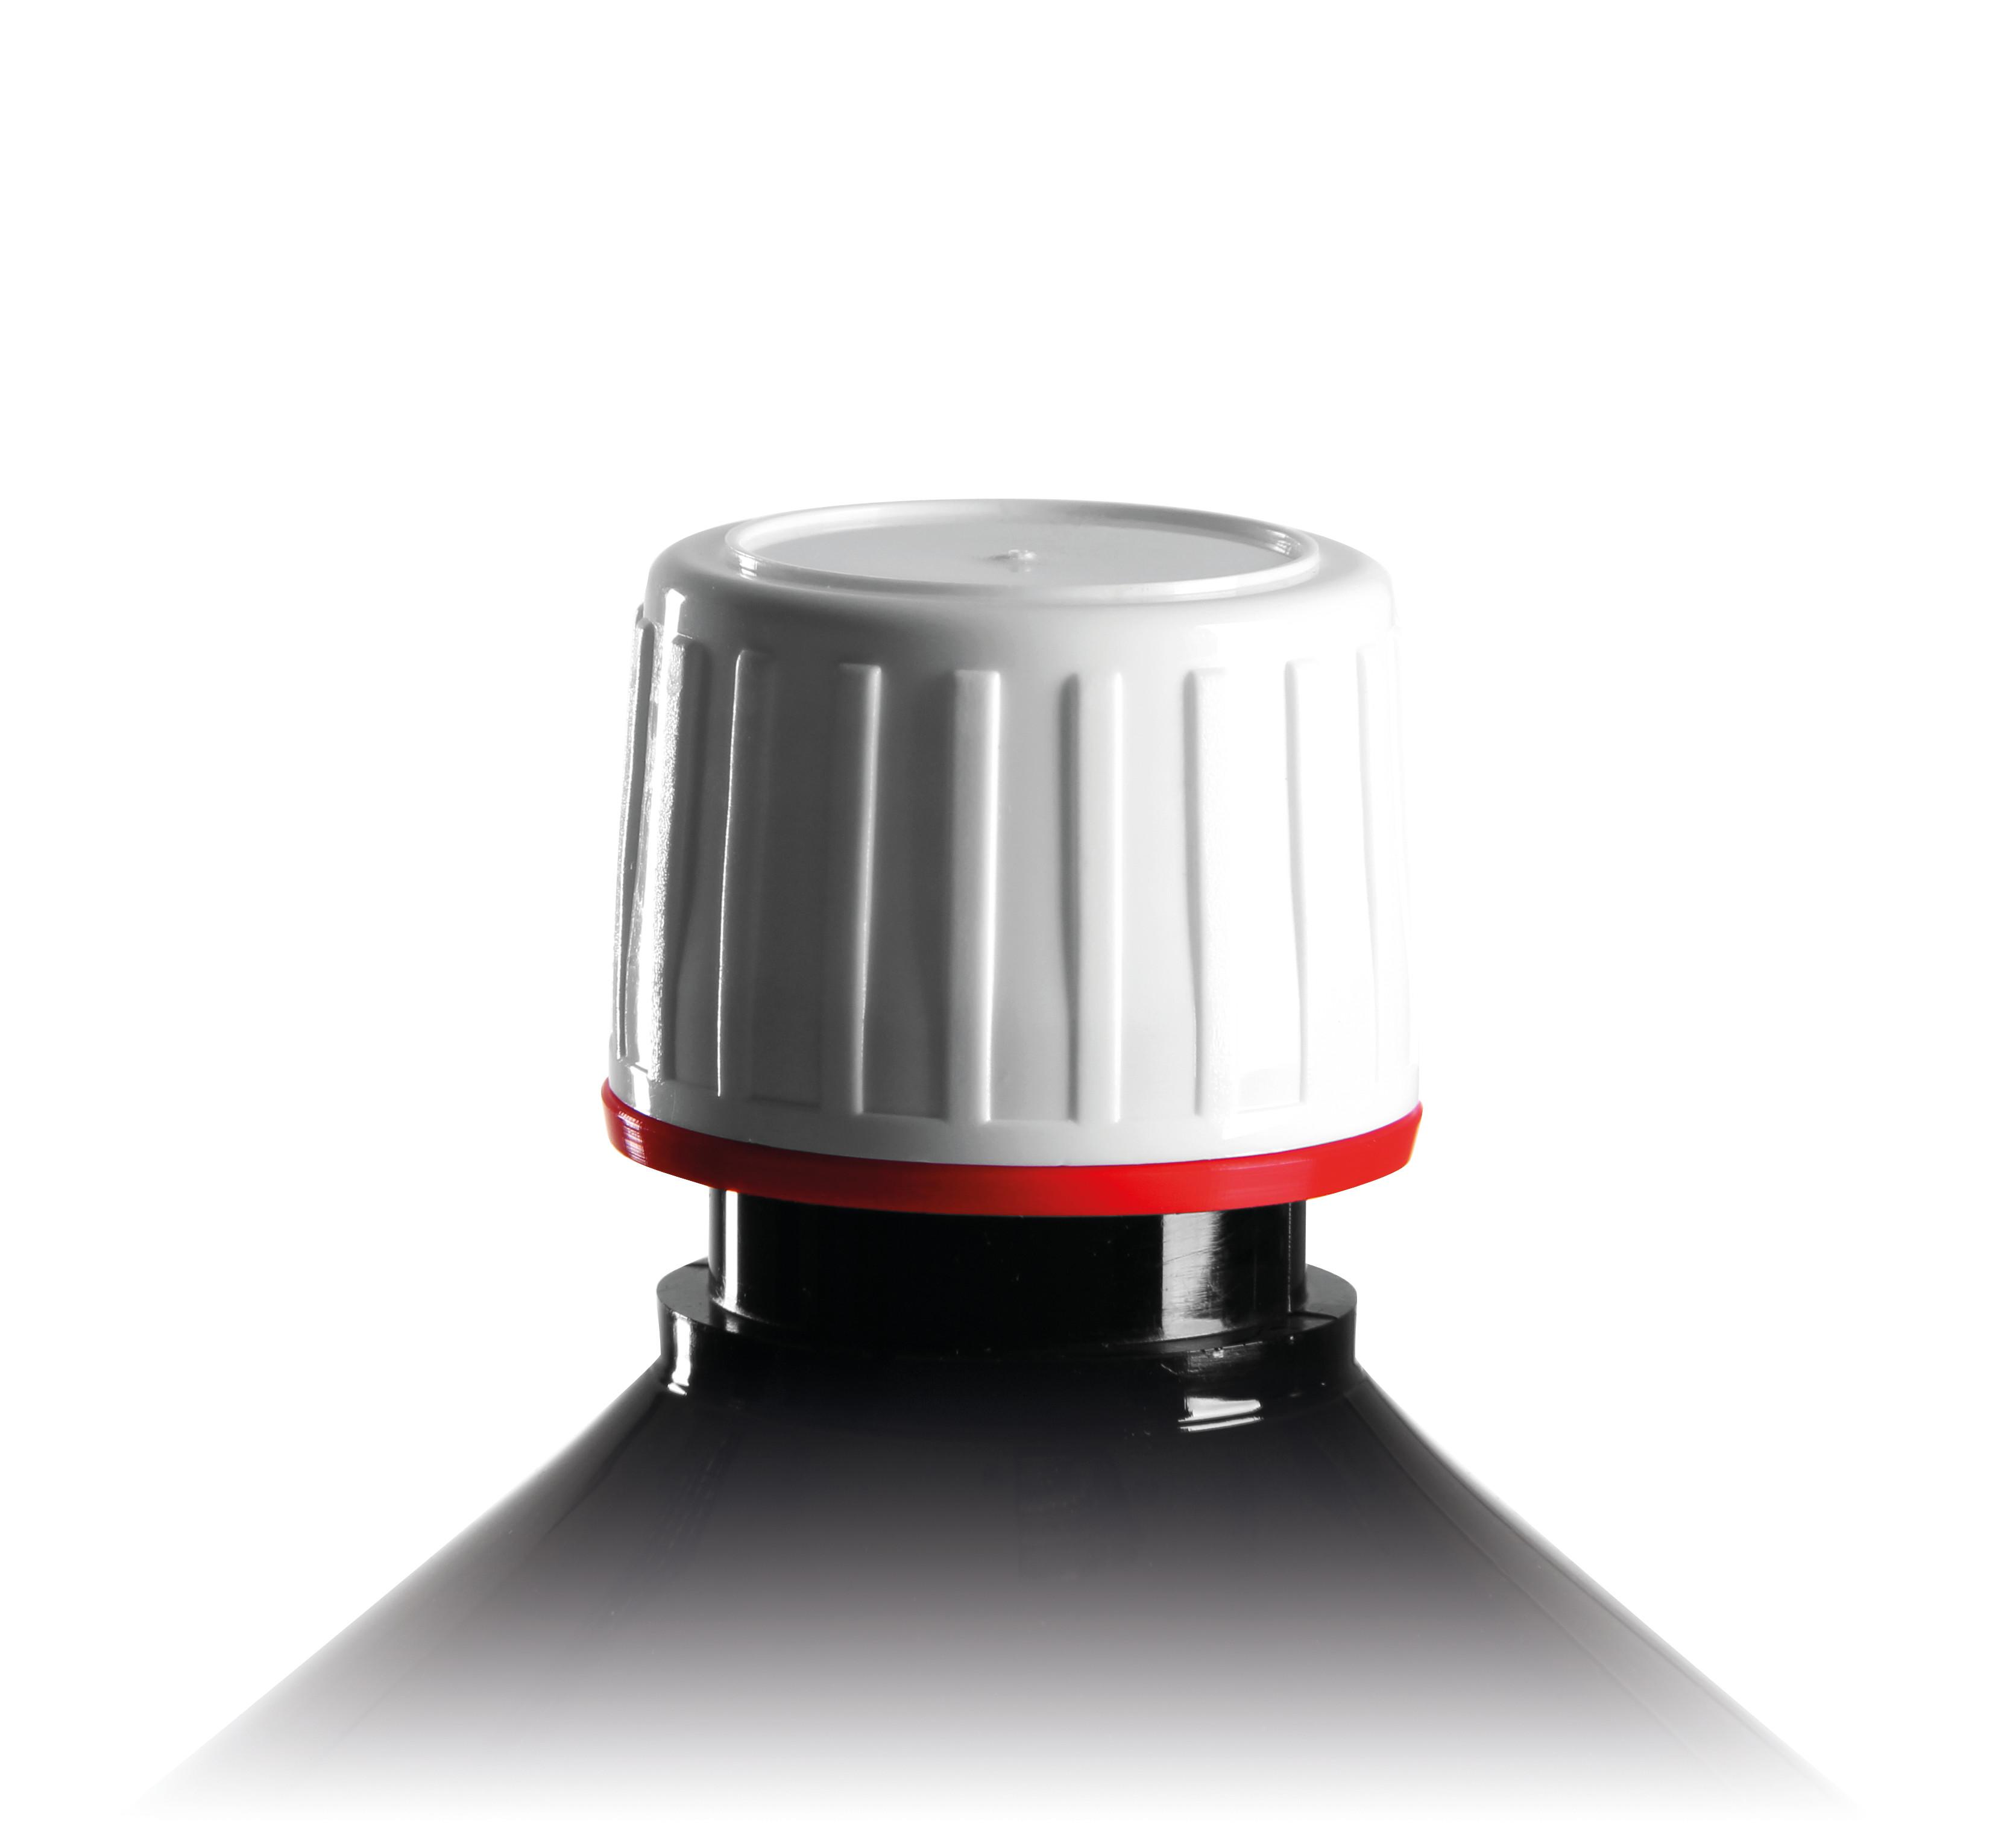 pp28 schraubverschluss wei f r euromed flaschen mit rotem. Black Bedroom Furniture Sets. Home Design Ideas